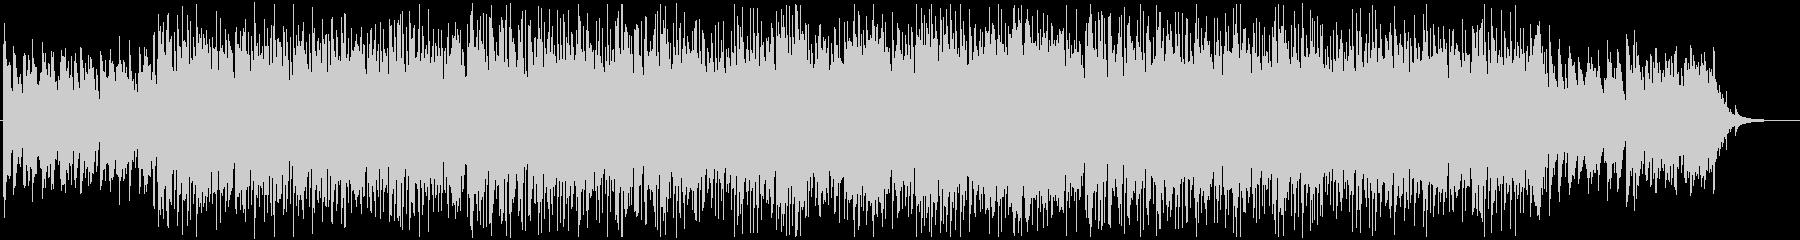 初雪のジャズワルツ:ピアノトリオの未再生の波形